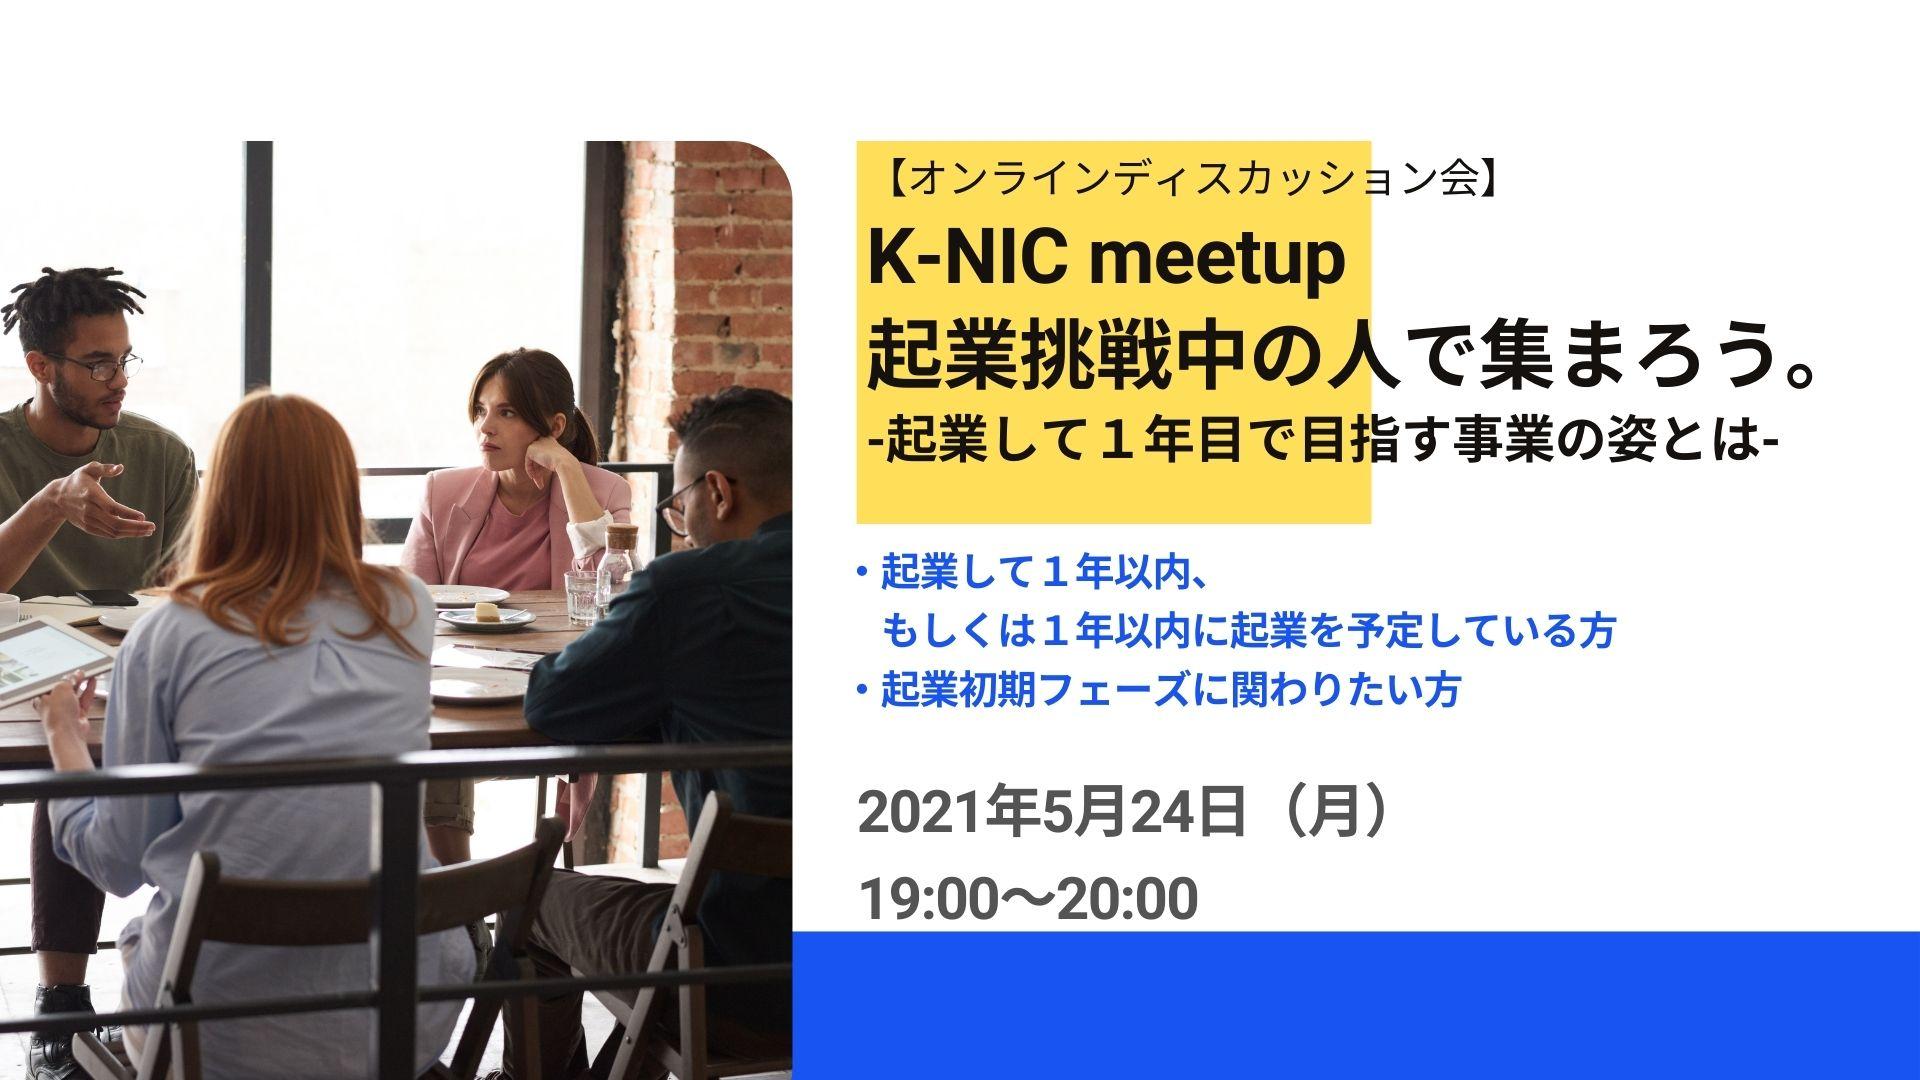 【オンラインディスカッション会】K-NIC meetup 起業挑戦中の人で集まろう。